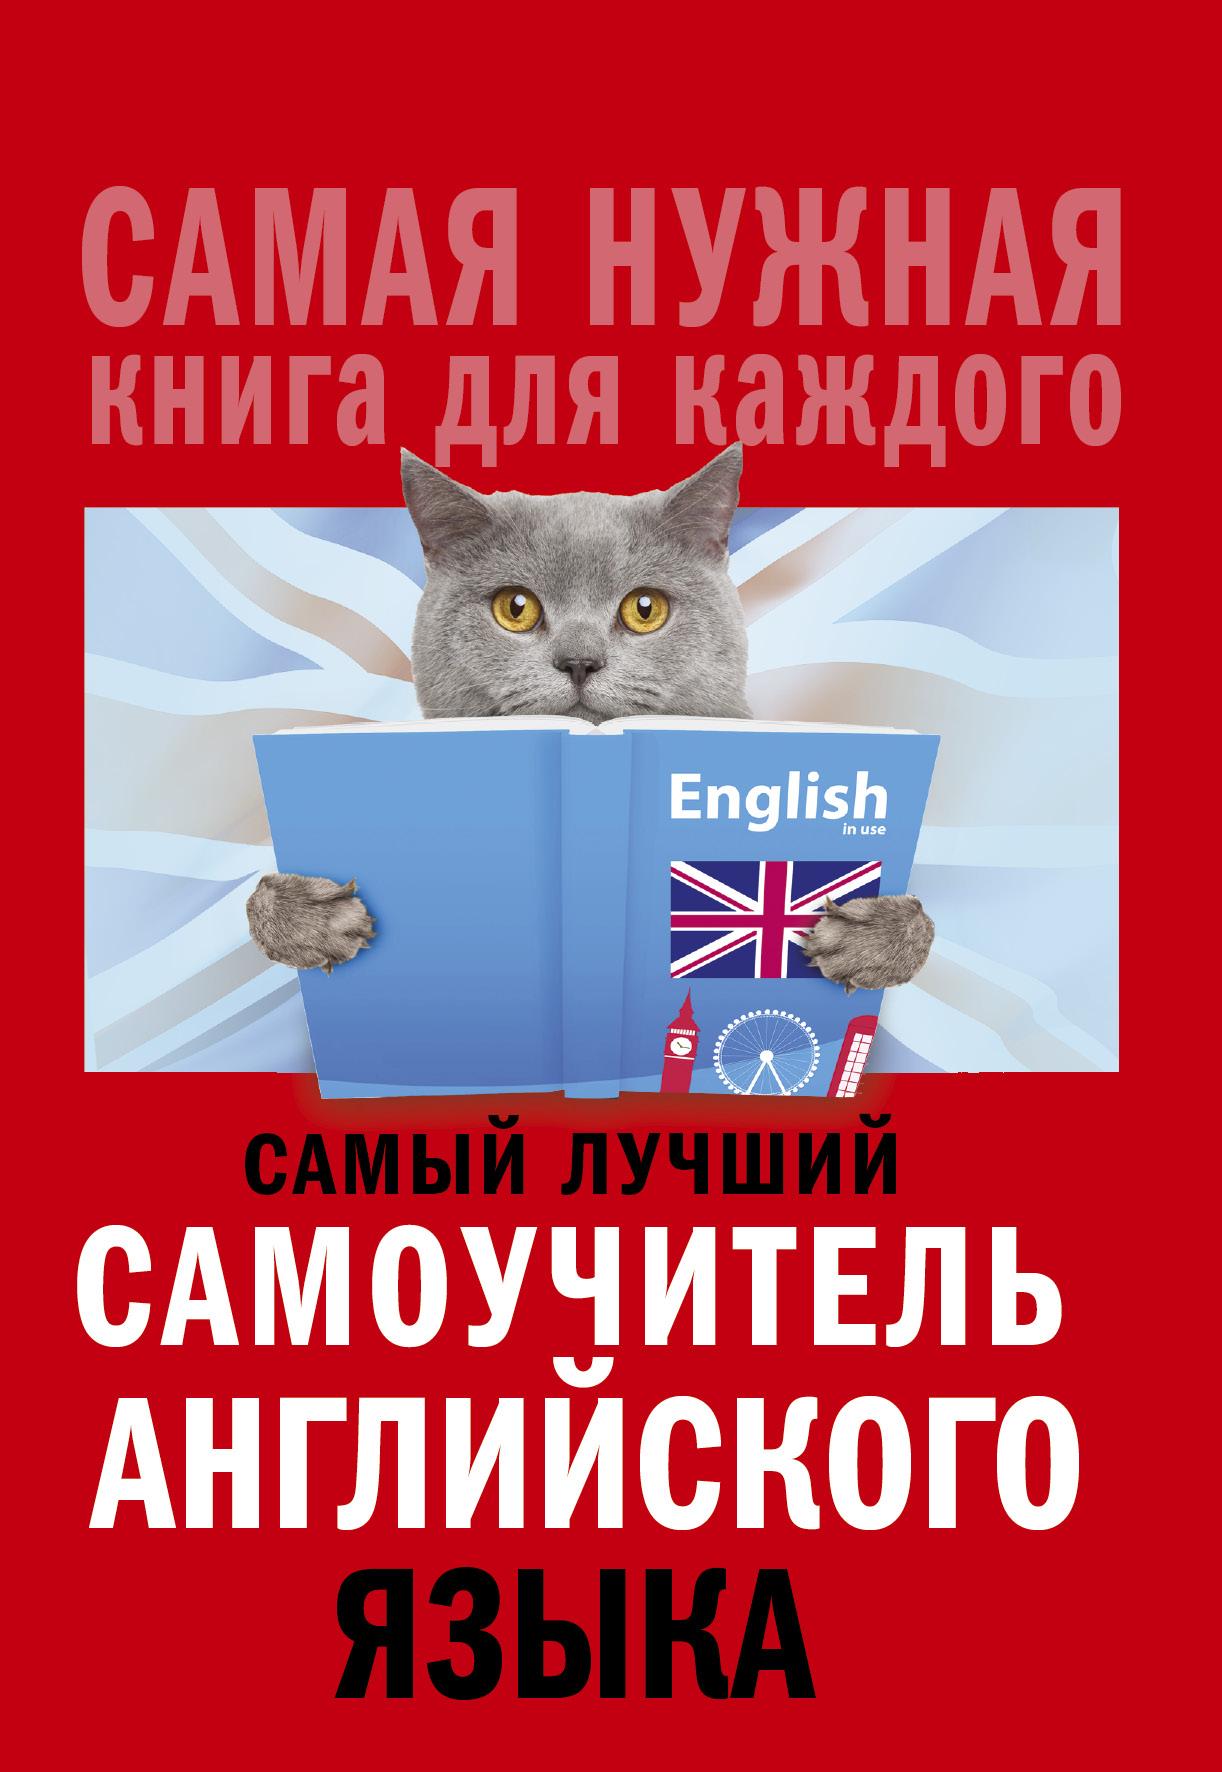 Матвеев С.А. Самый лучший самоучитель английского языка